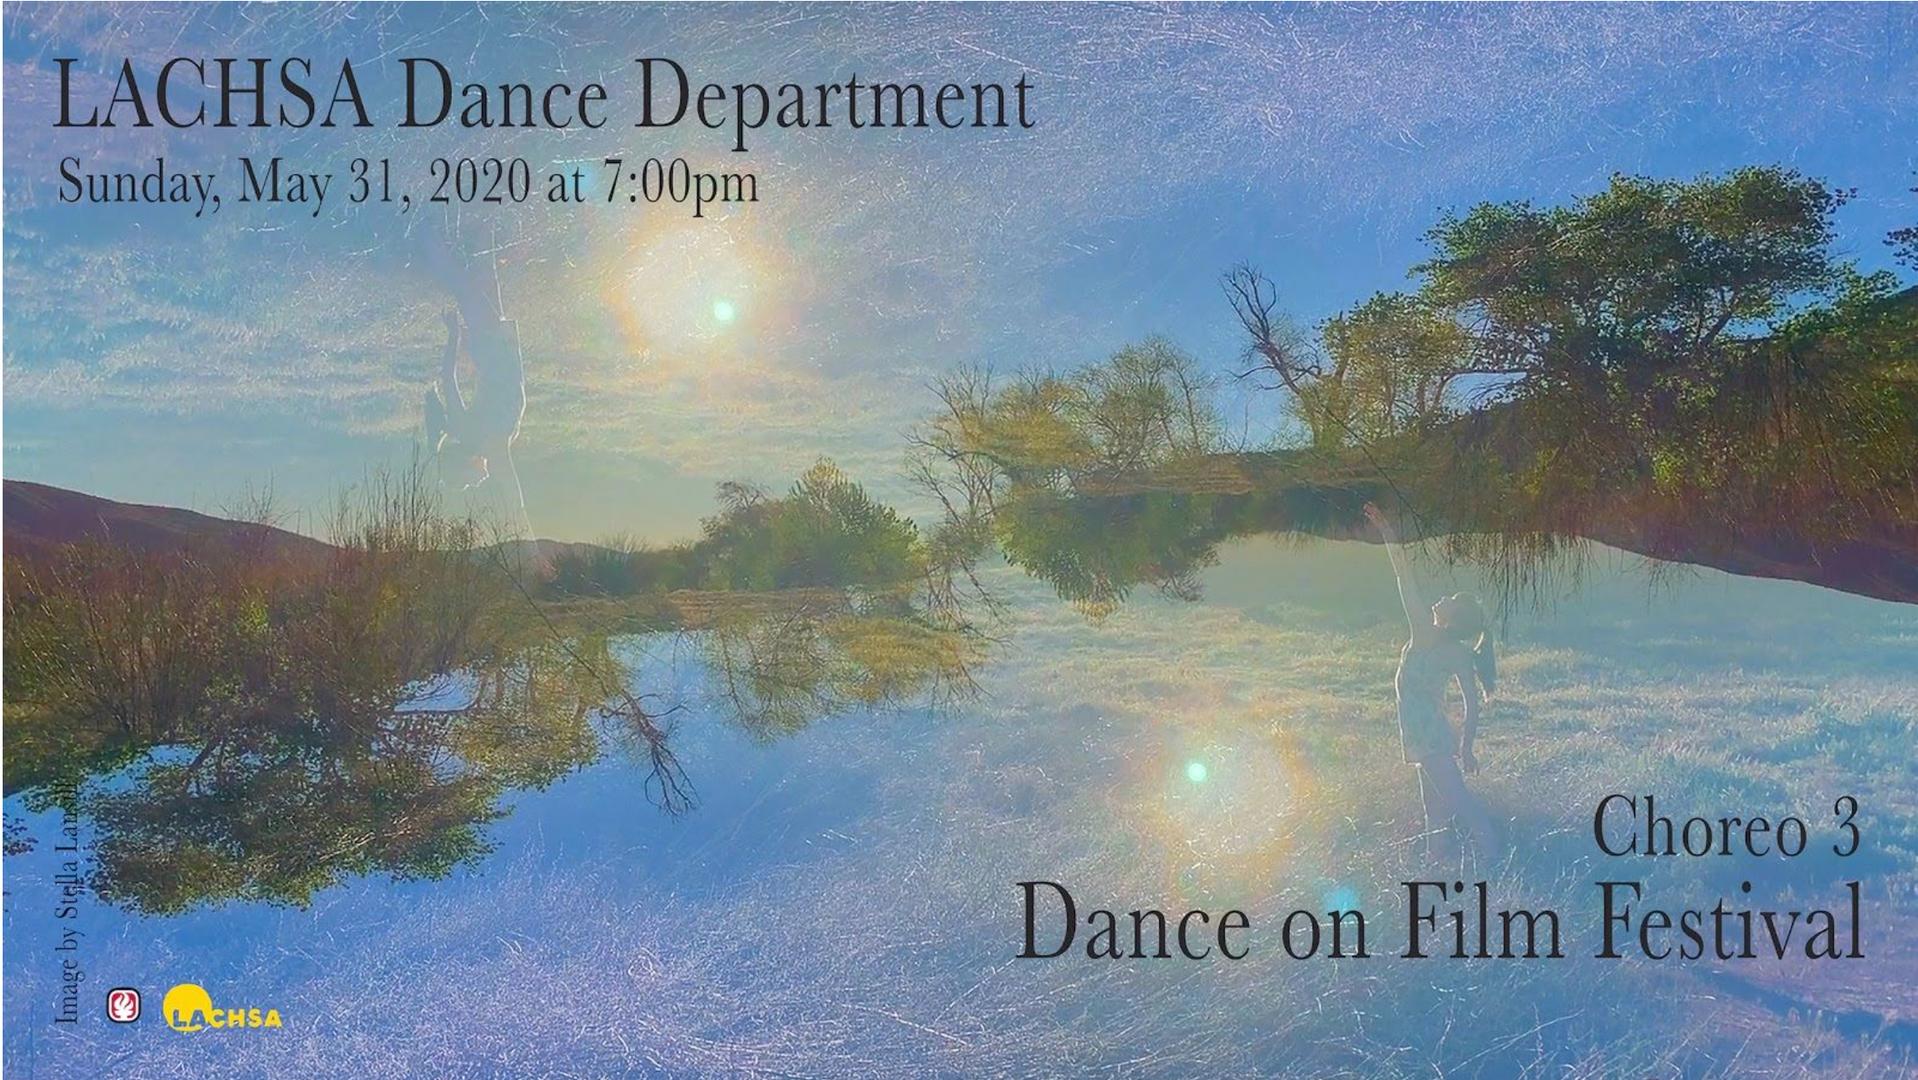 Dance on Film Festival